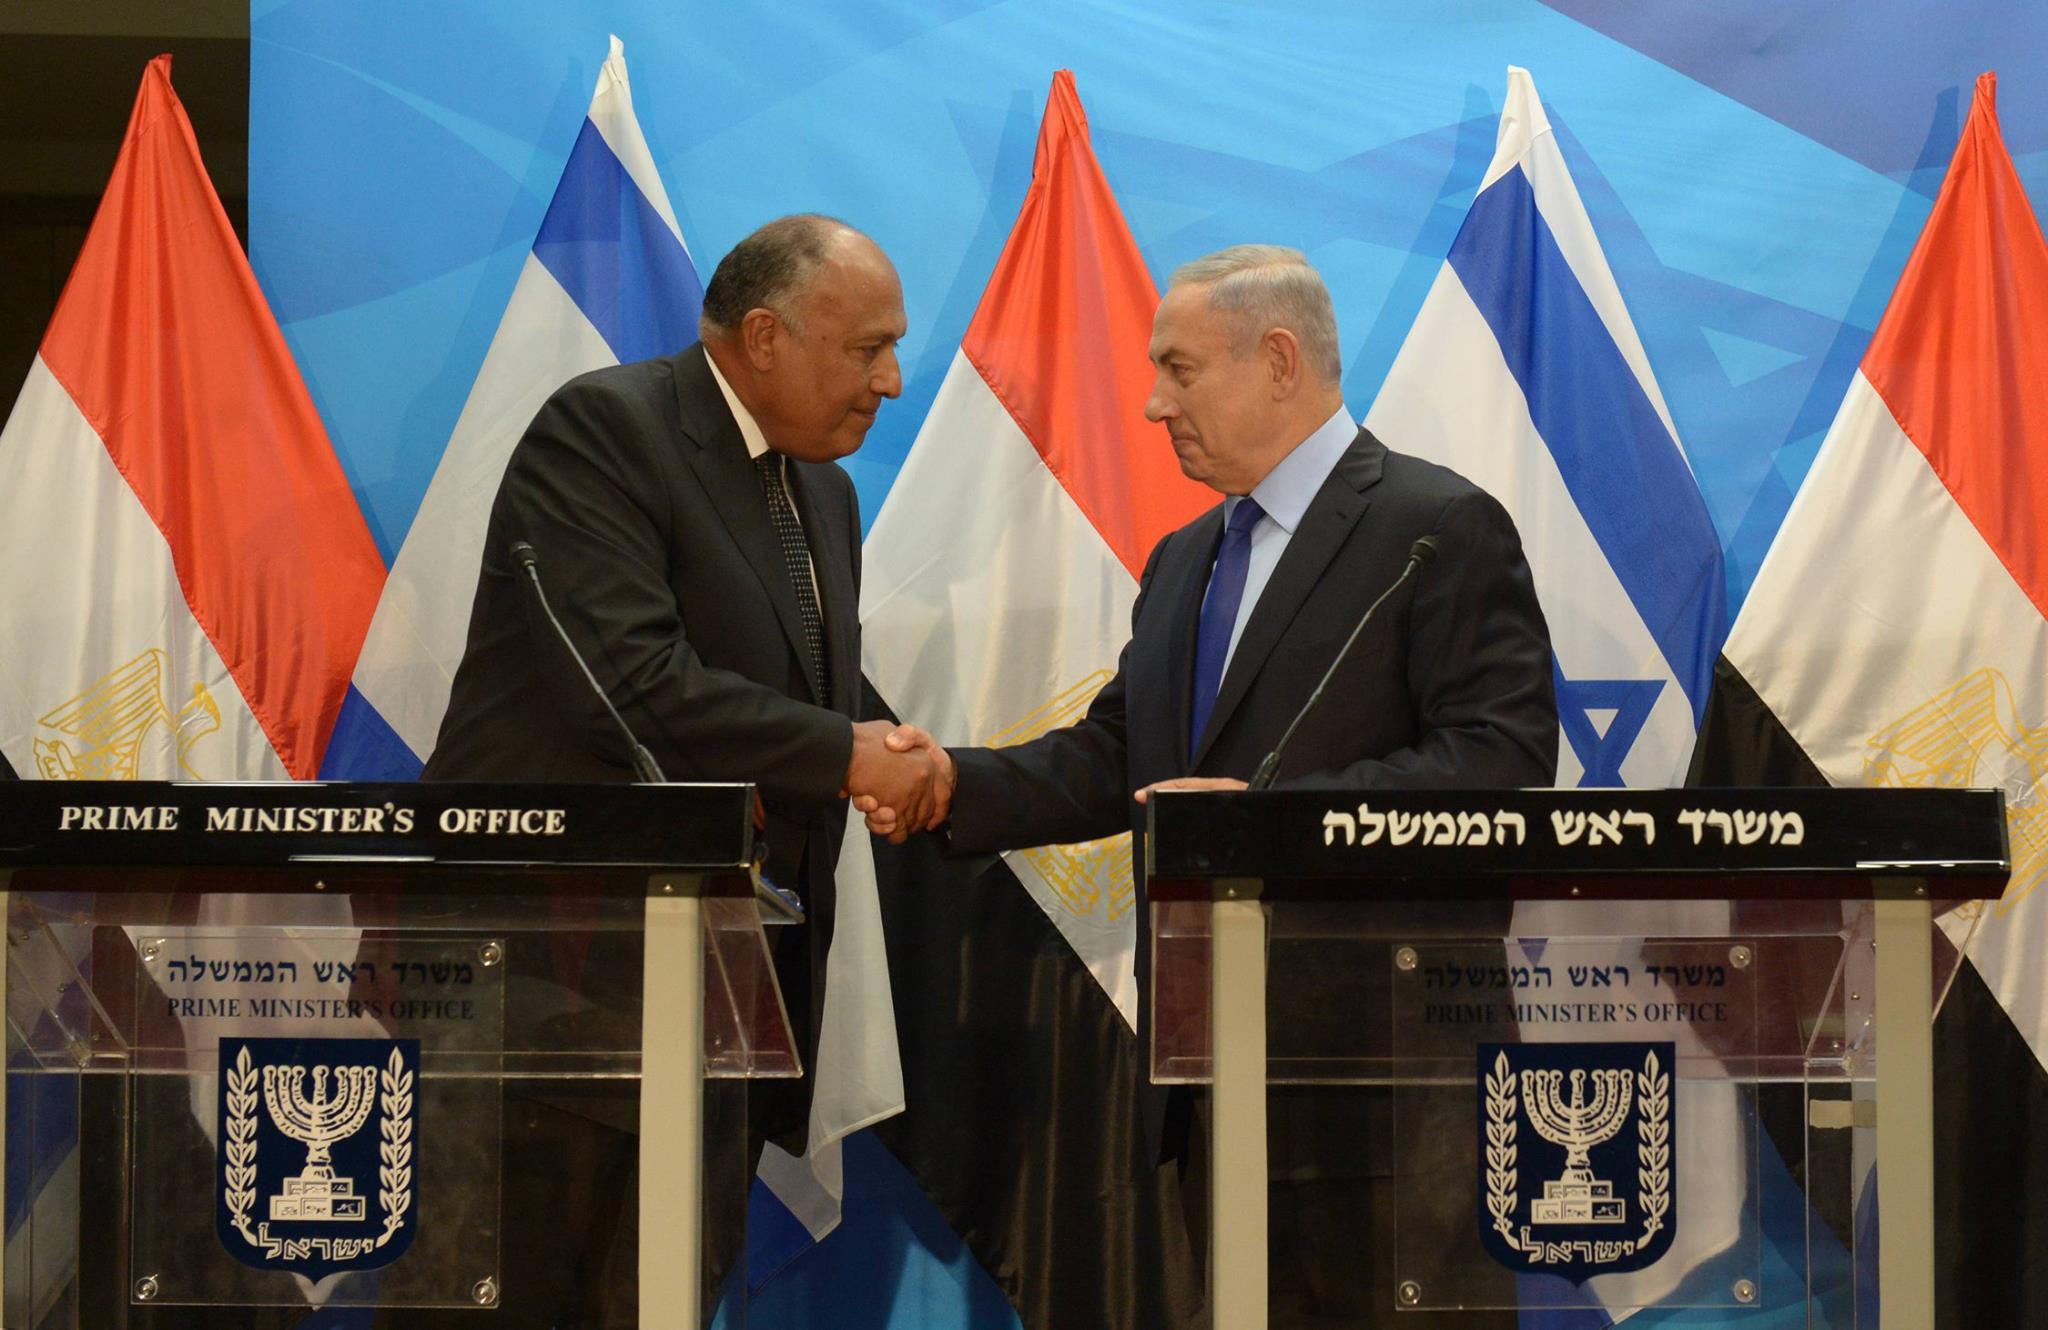 """بعهد السيسي..كيف تحولت صورة """"إسرائيل"""" بالكتب المصرية؟"""